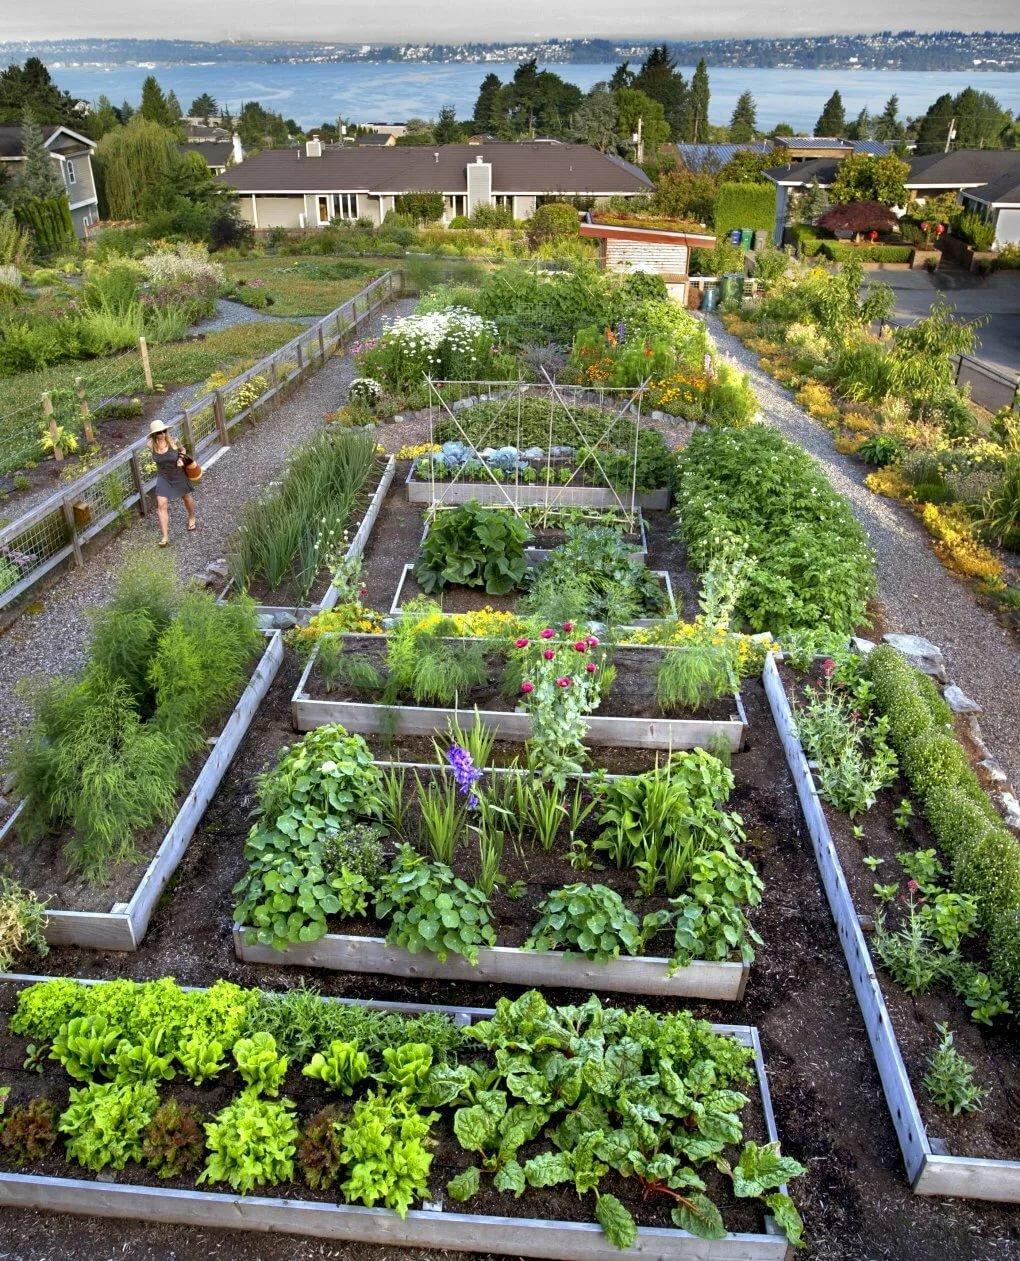 картинка красивого огорода долго думала, выбирала